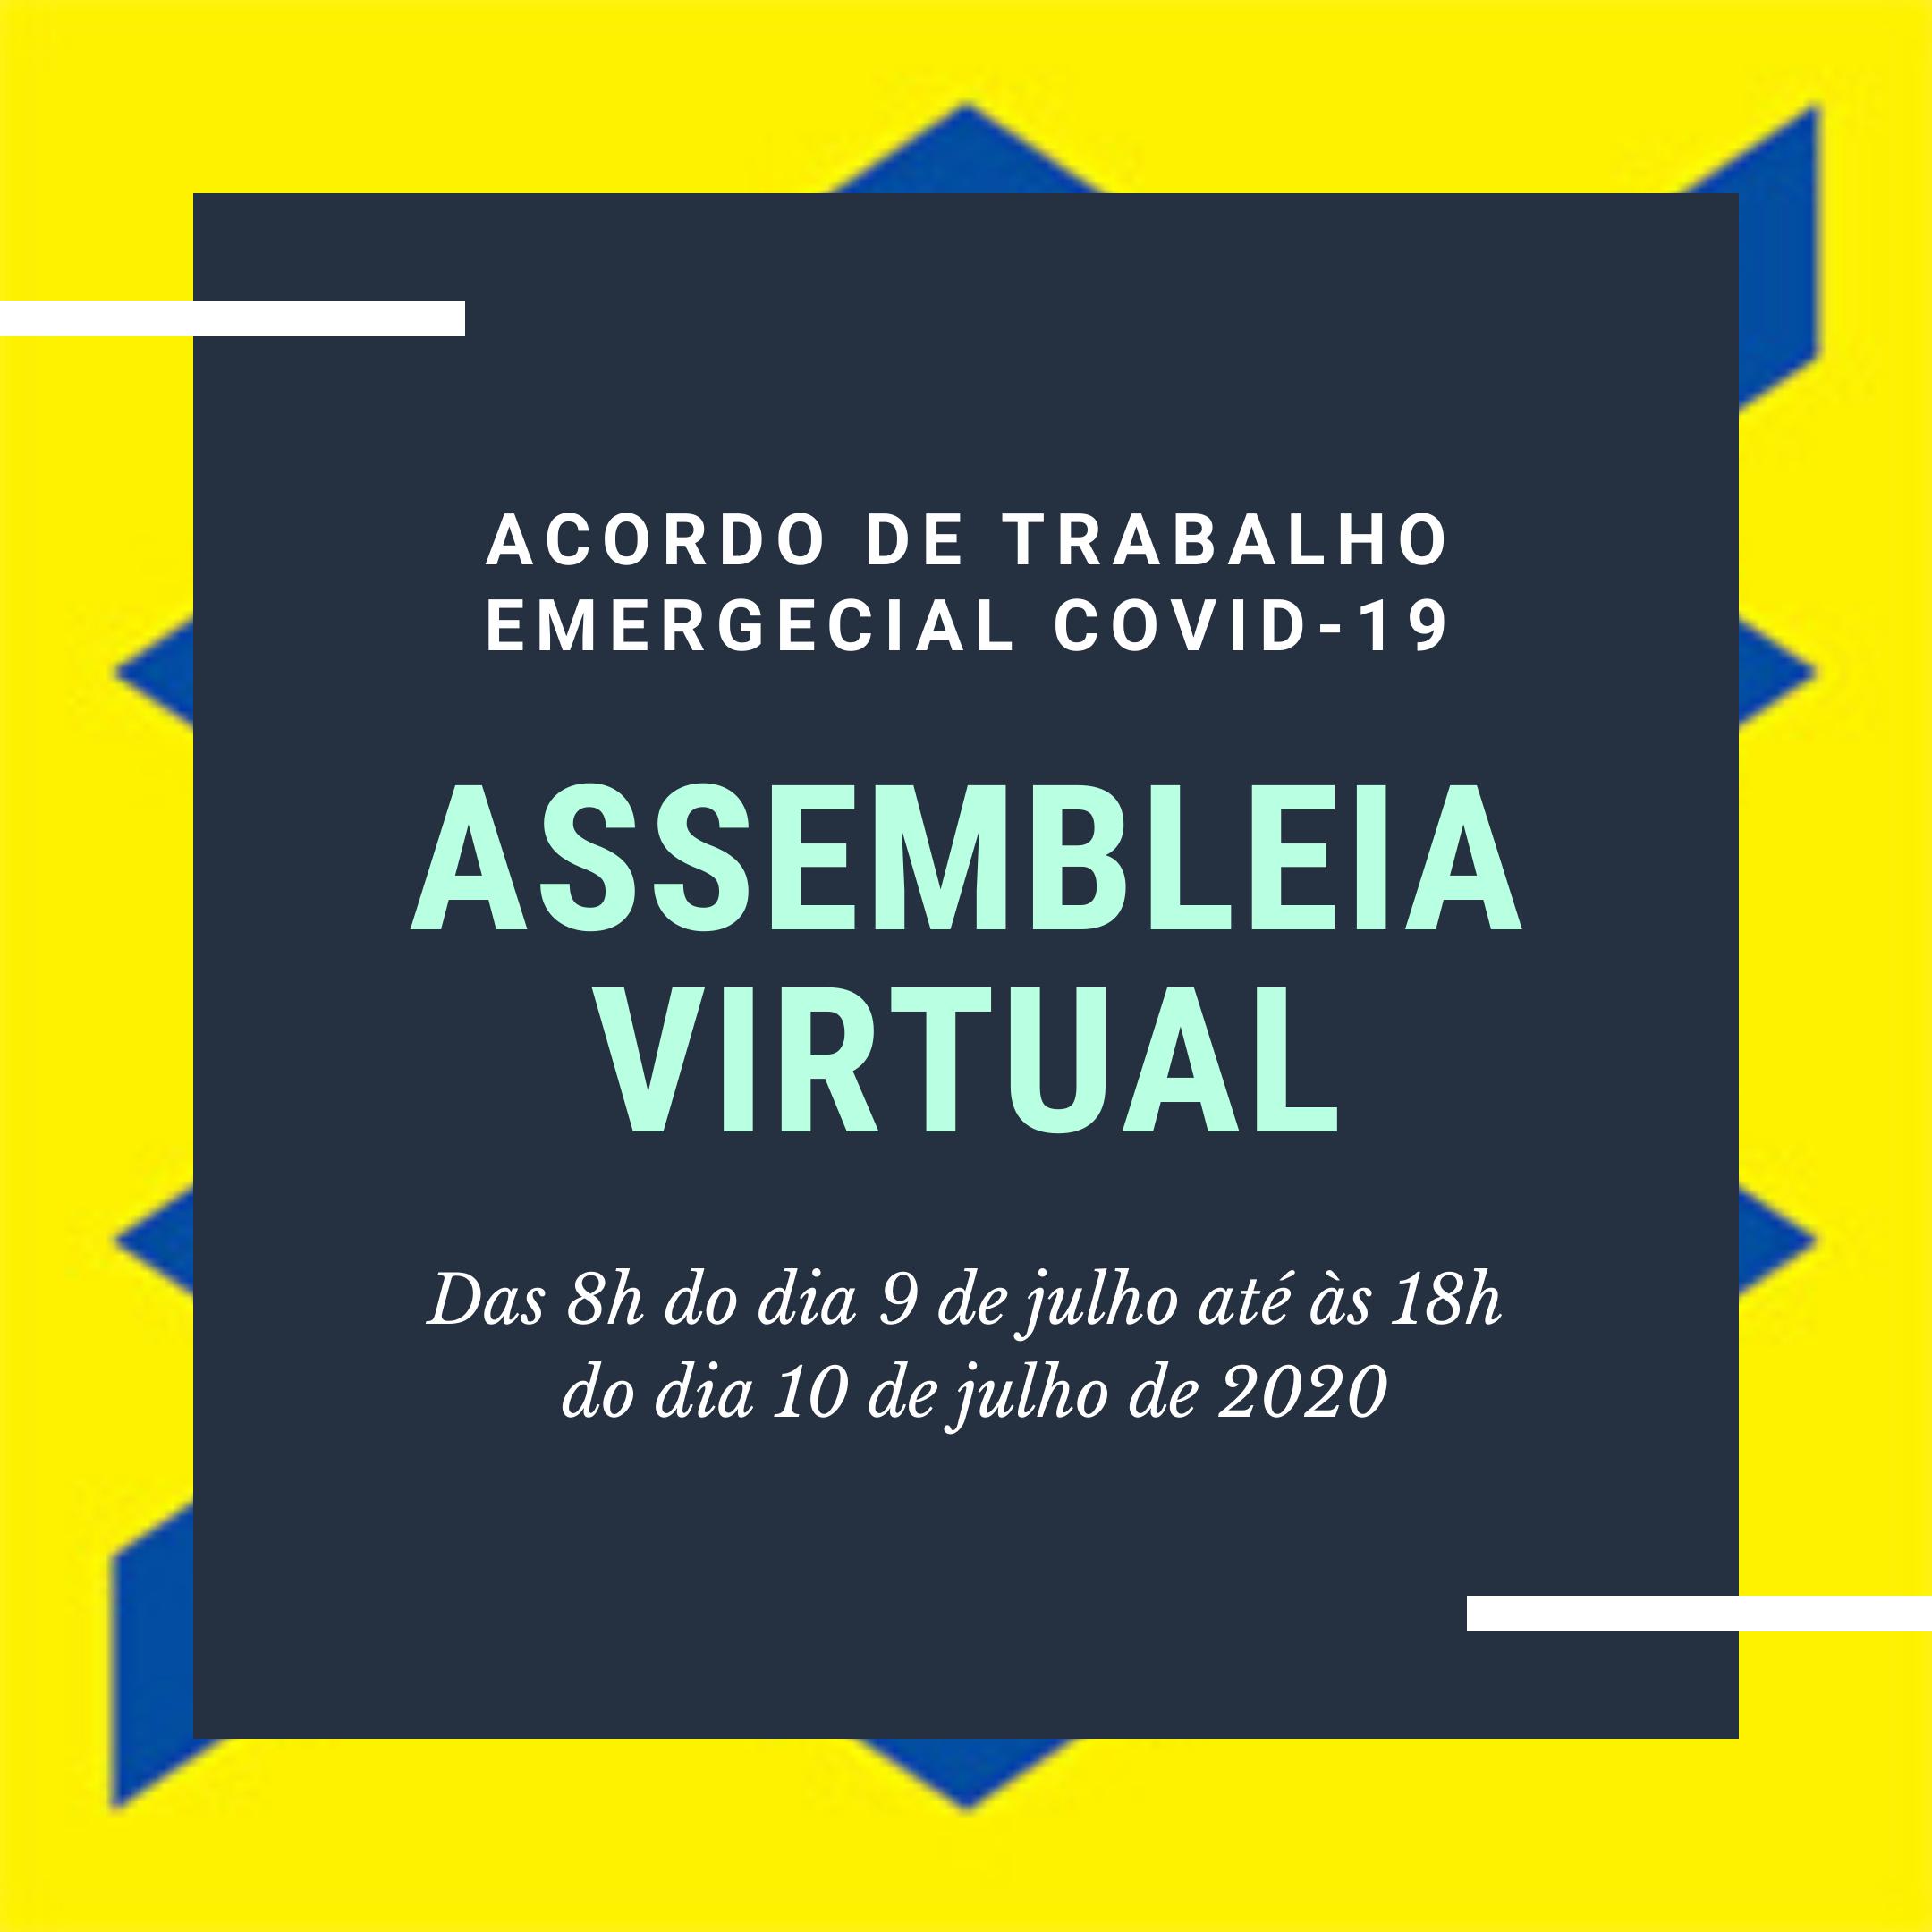 Bancários Do BB Convocados: Dias 9 E 10, Votação Online Do Acordo Coletivo Emergencial Covid-19